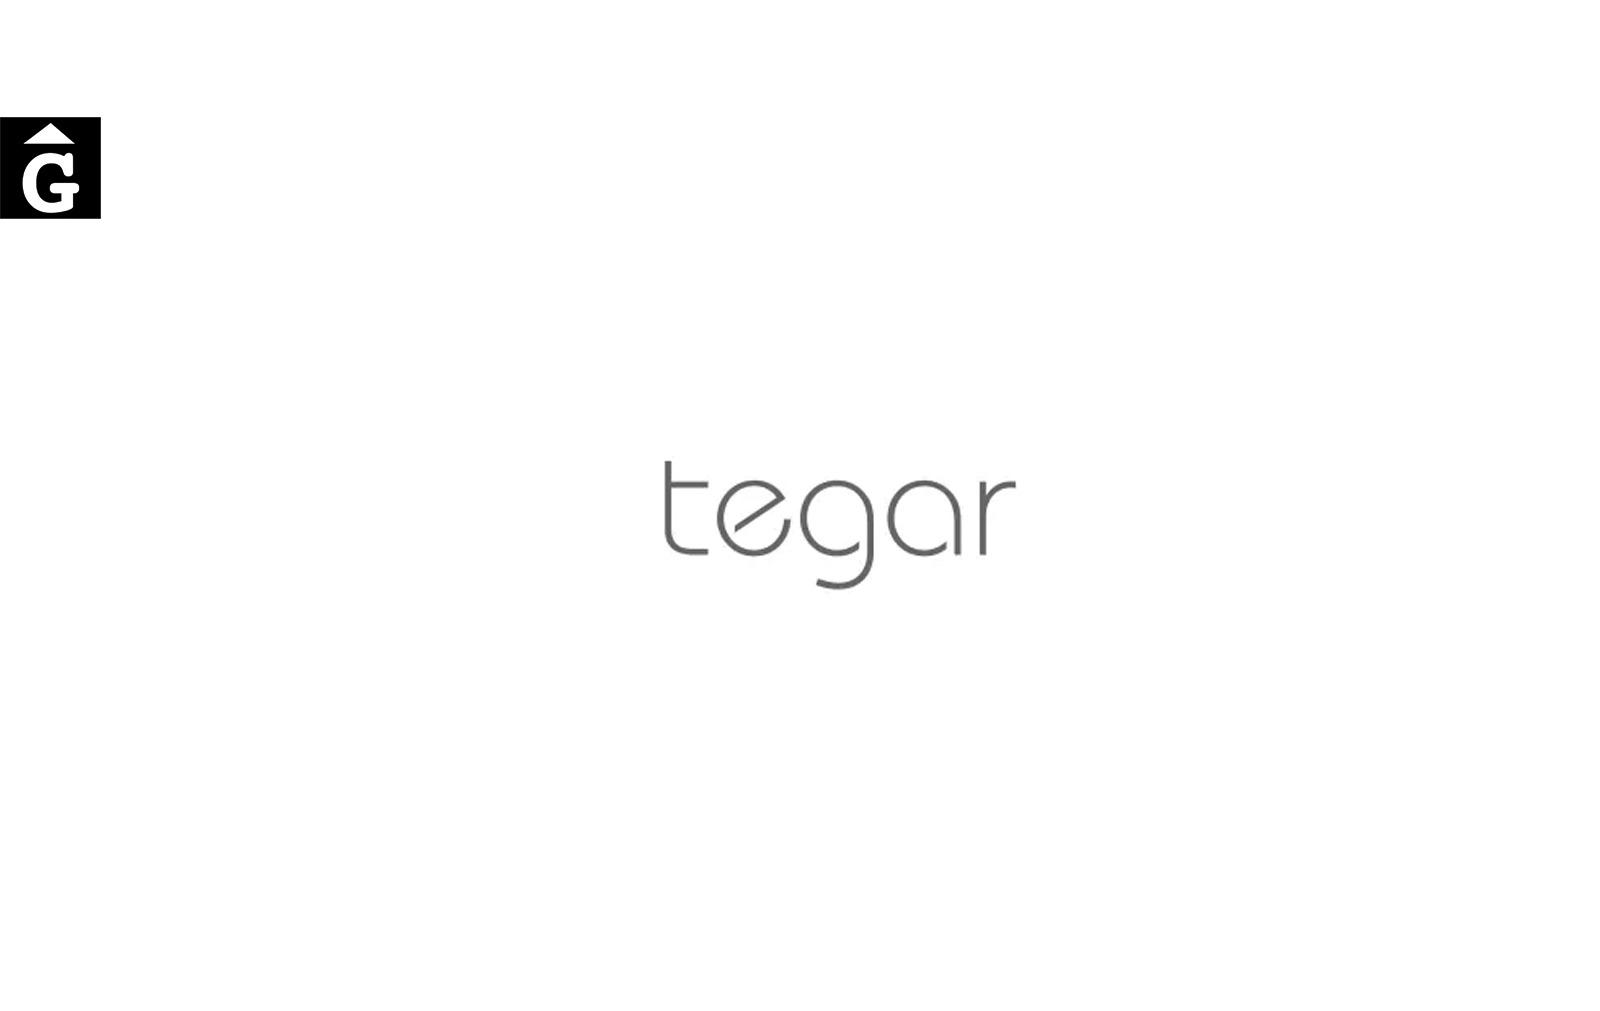 Tegar és una marca de la nostra botiga mobles Gifreu